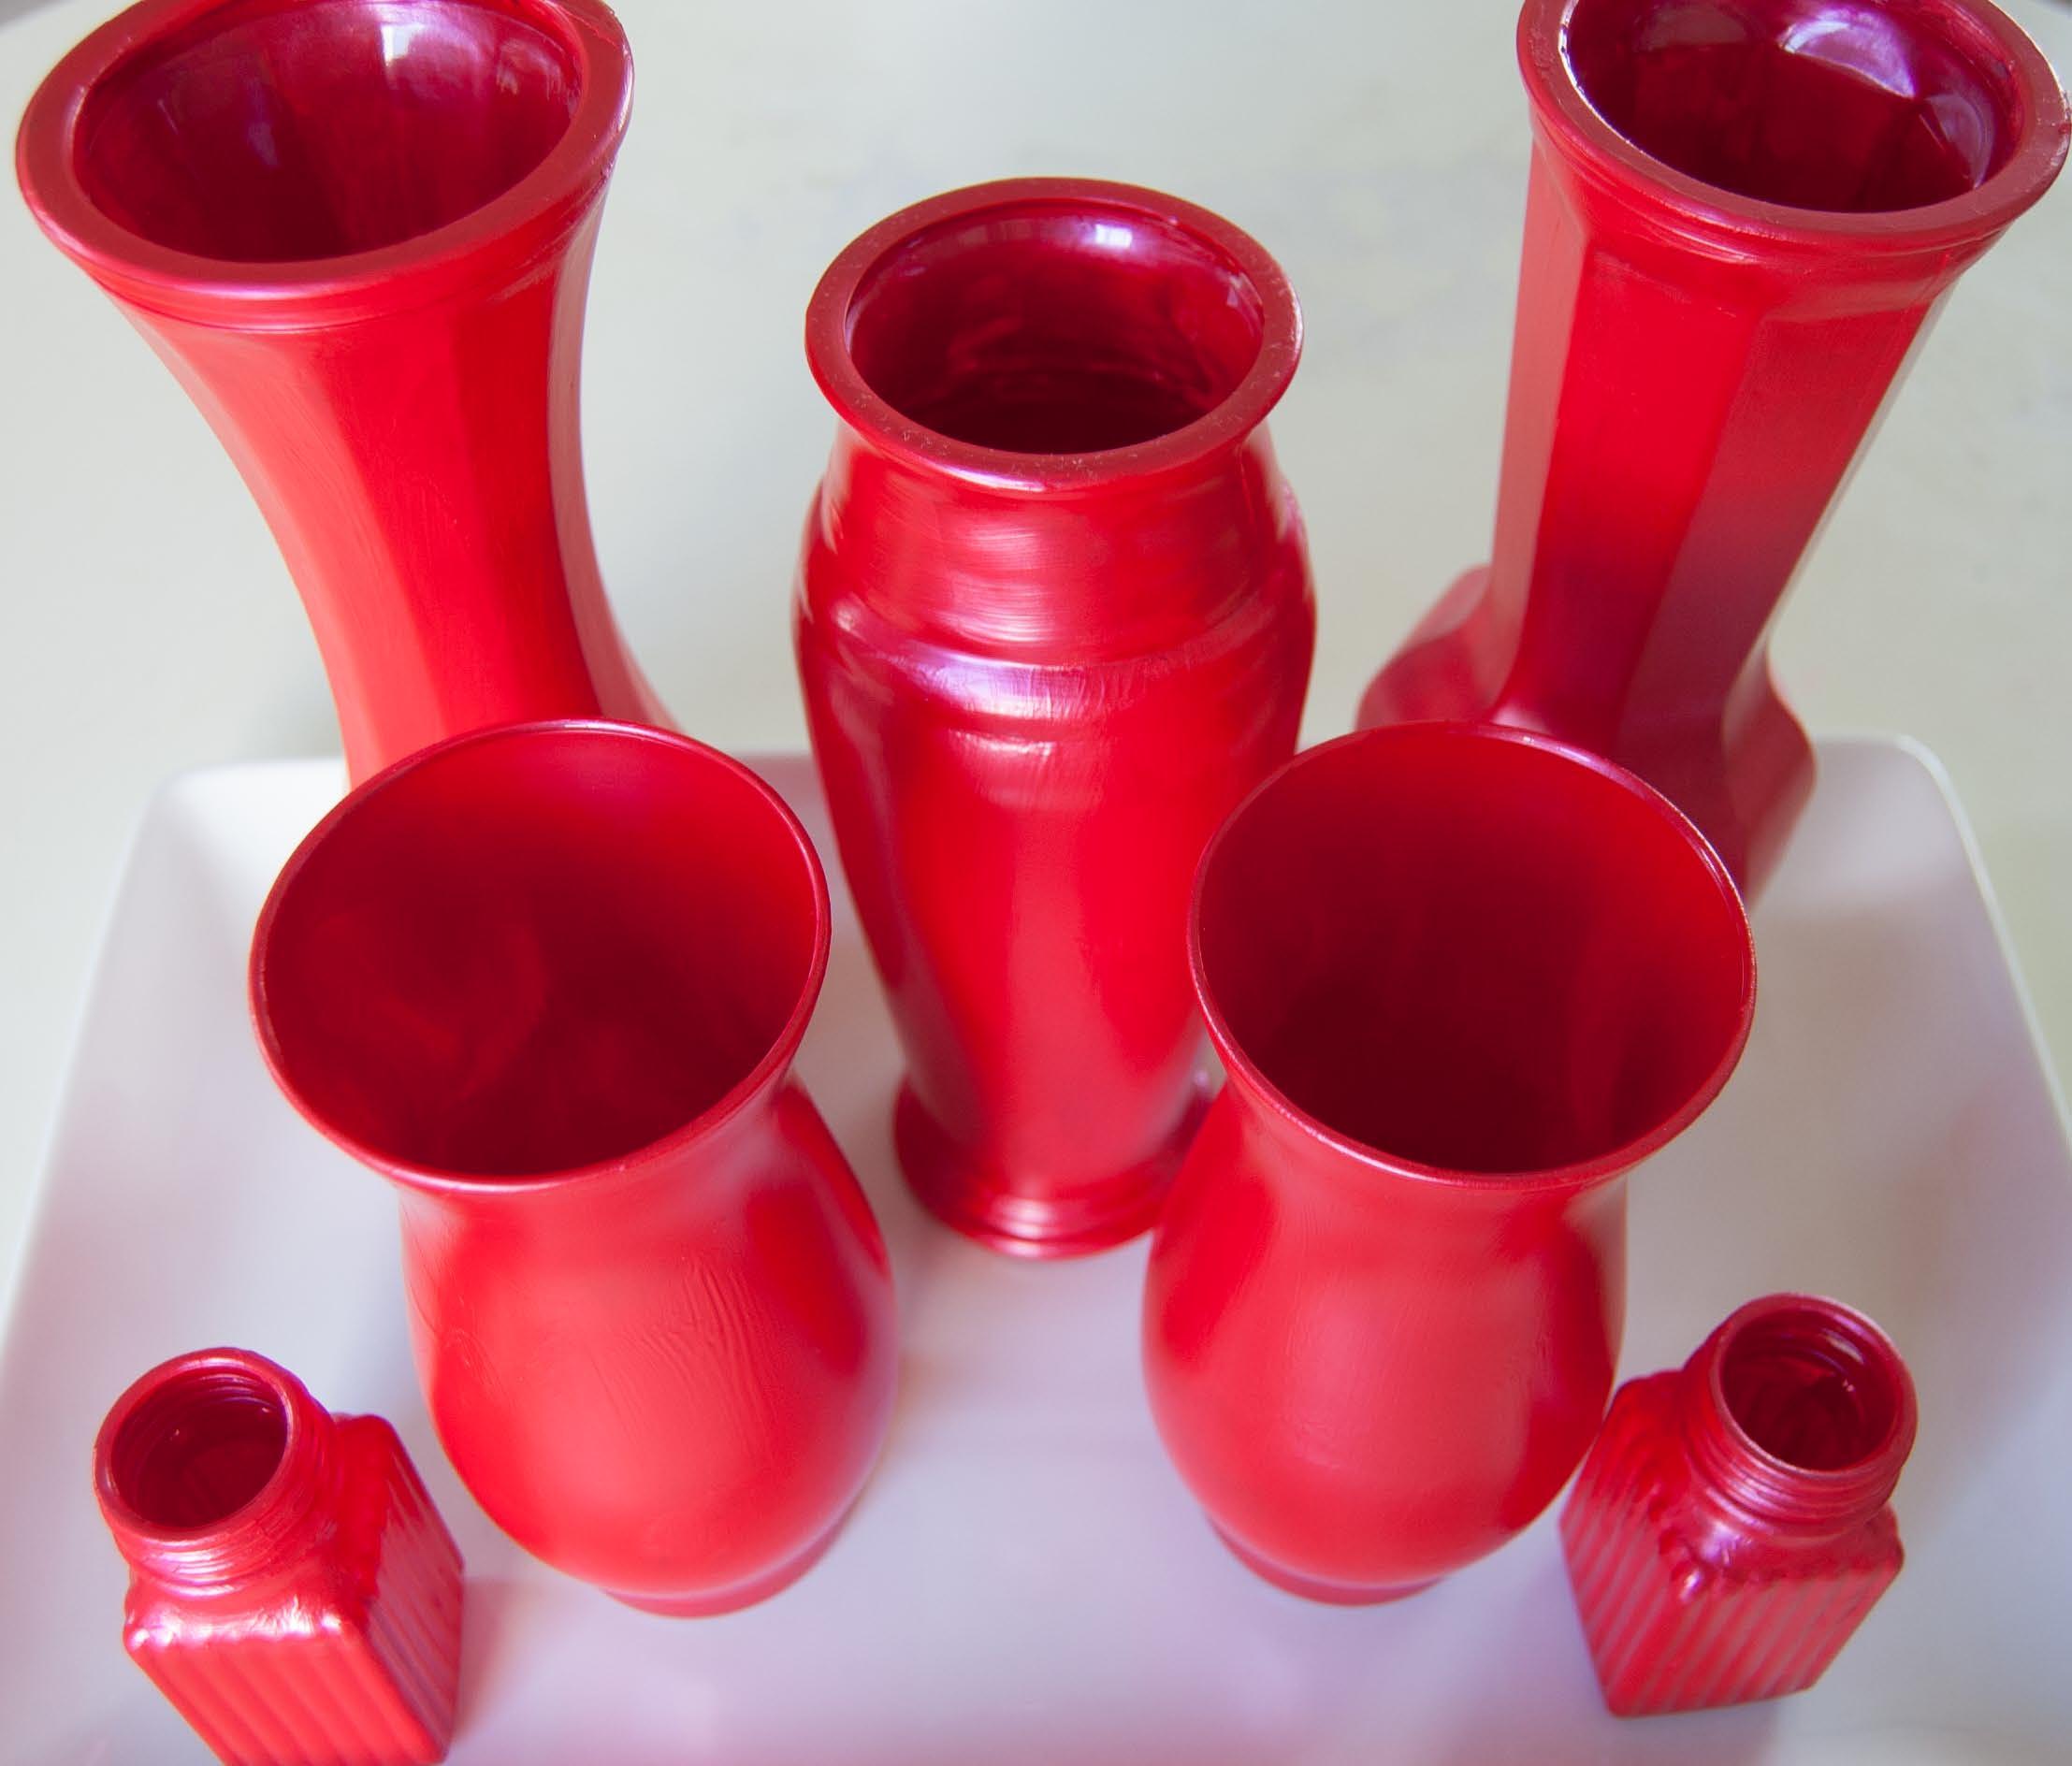 vday vases